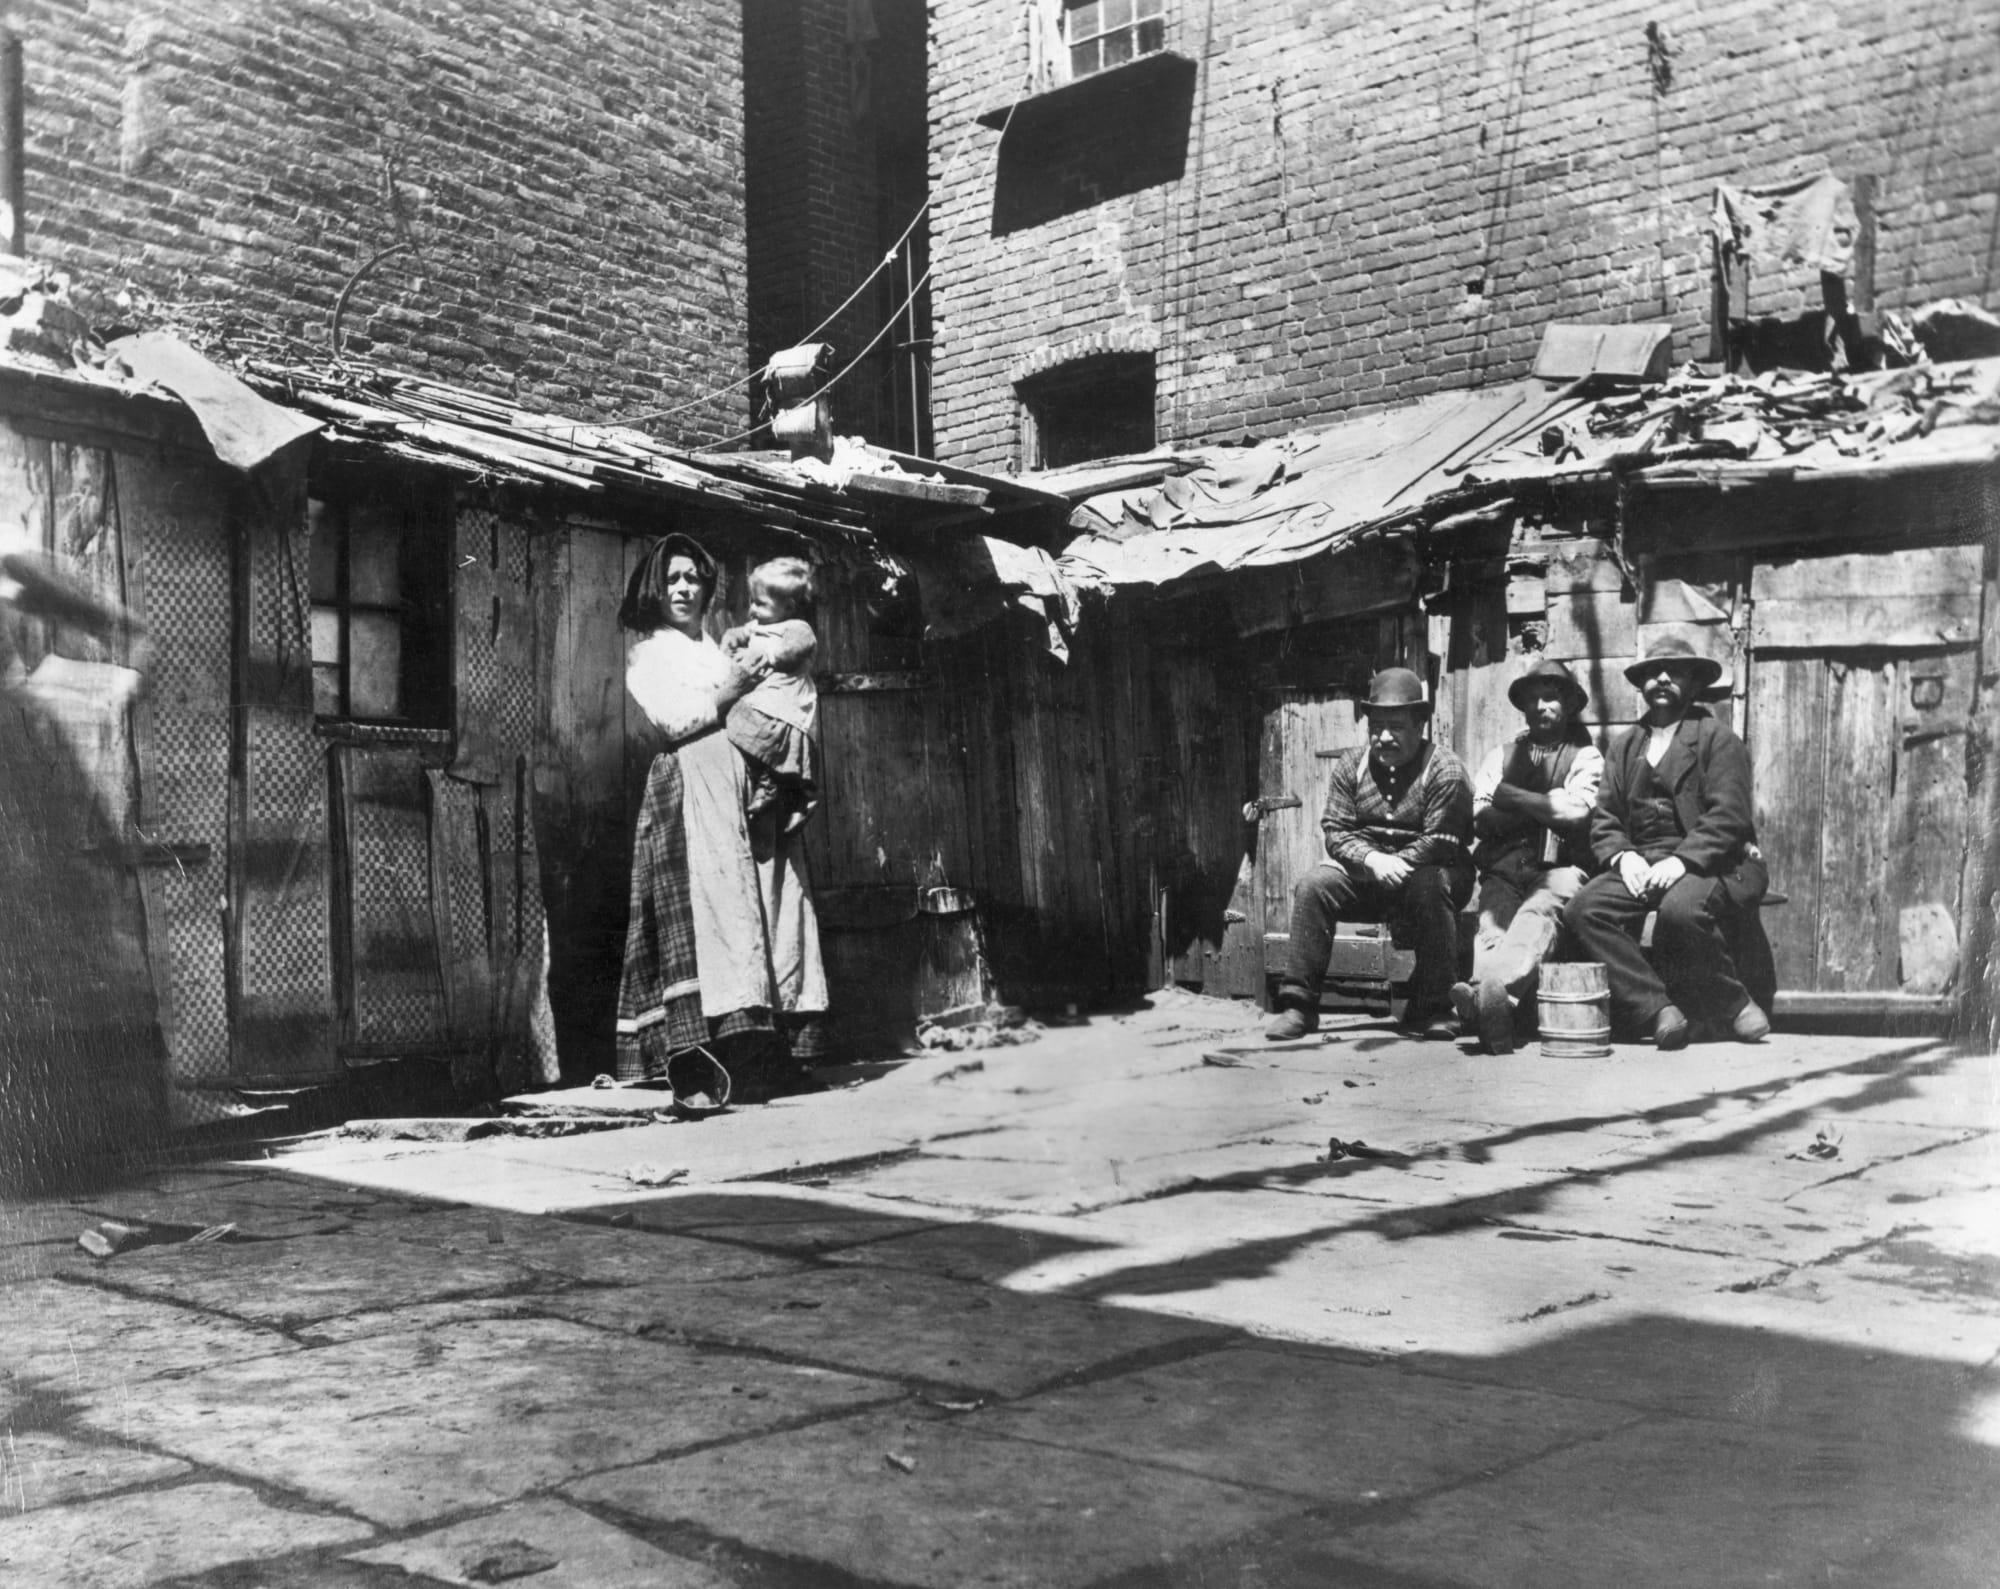 Imagen de Tenements en el Nueva York del siglo XIX